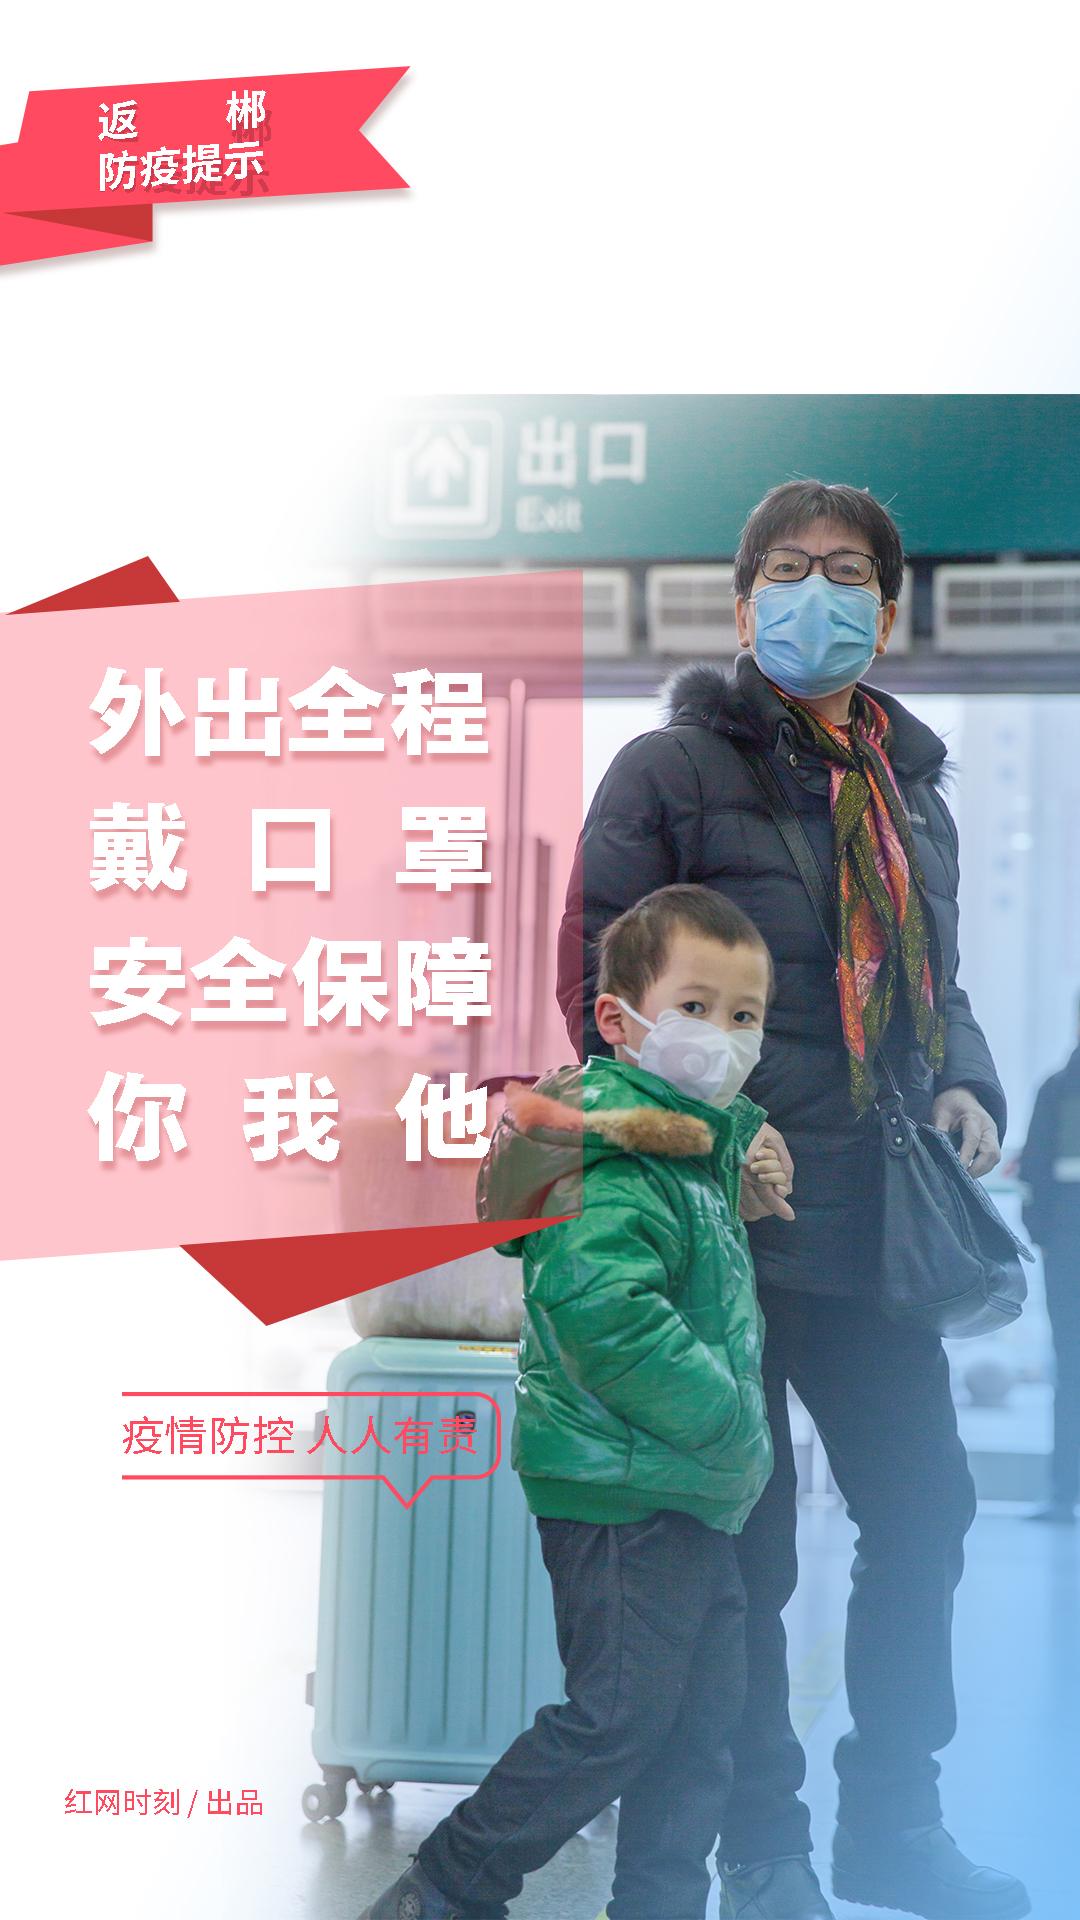 20210128春运抗疫宣传海报设计稿002.jpg